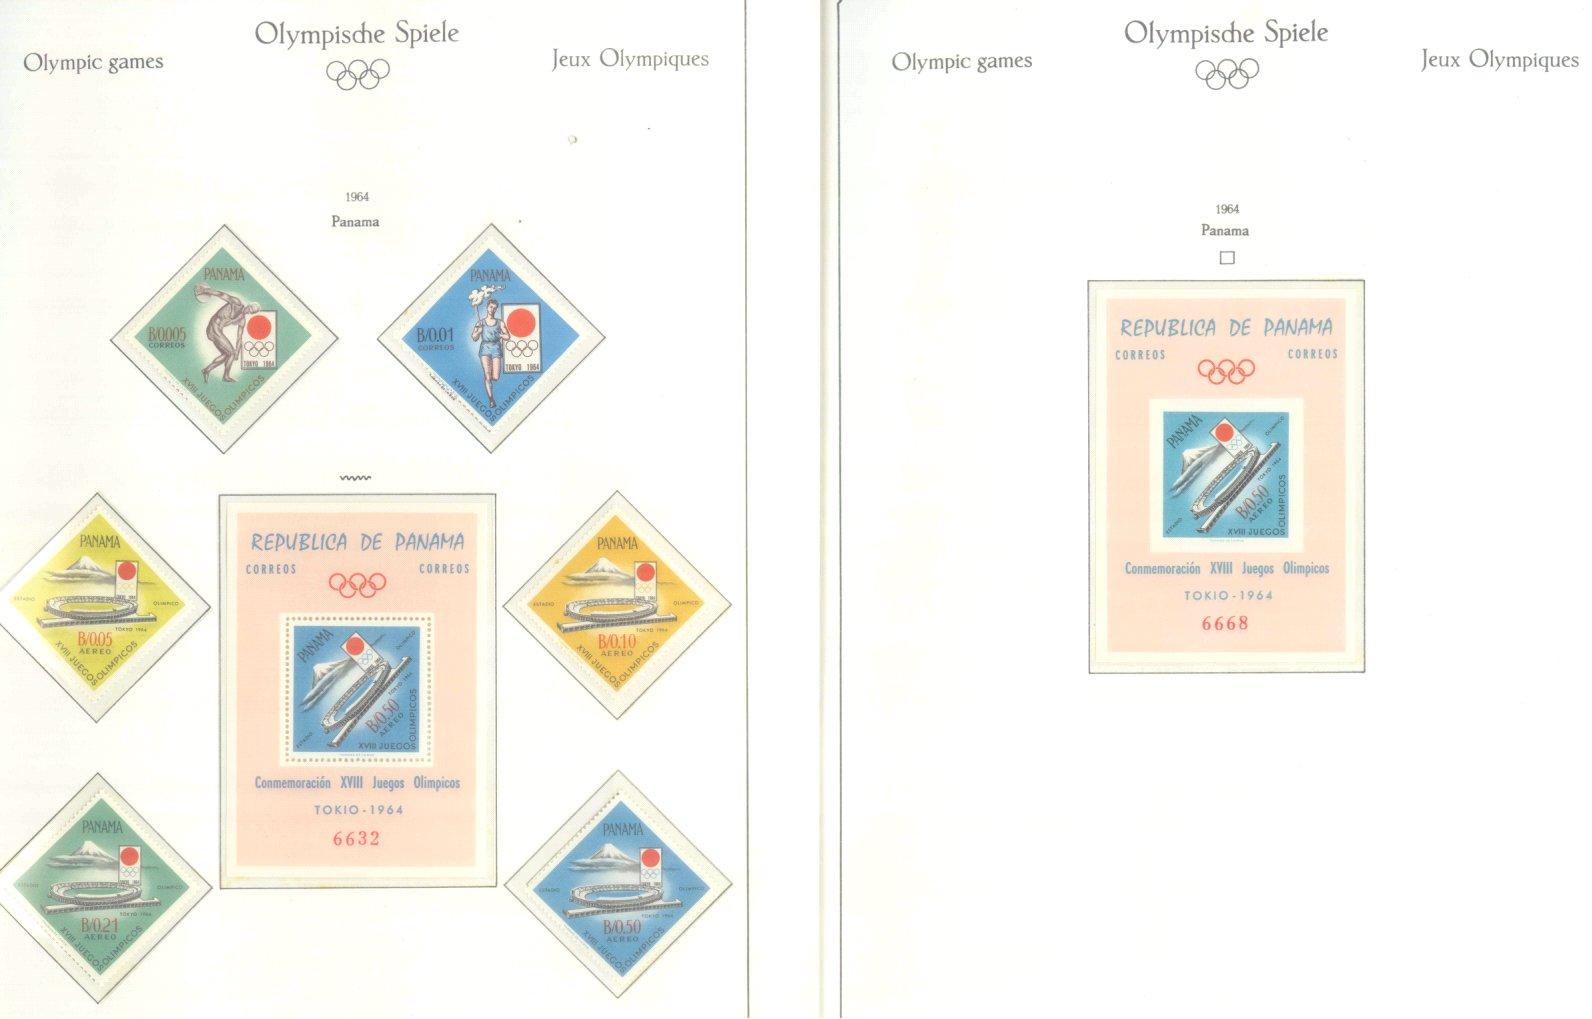 OLYMPISCHE SPIELE 1964 TOKIO, postfrische Sammlung Teil 2-2